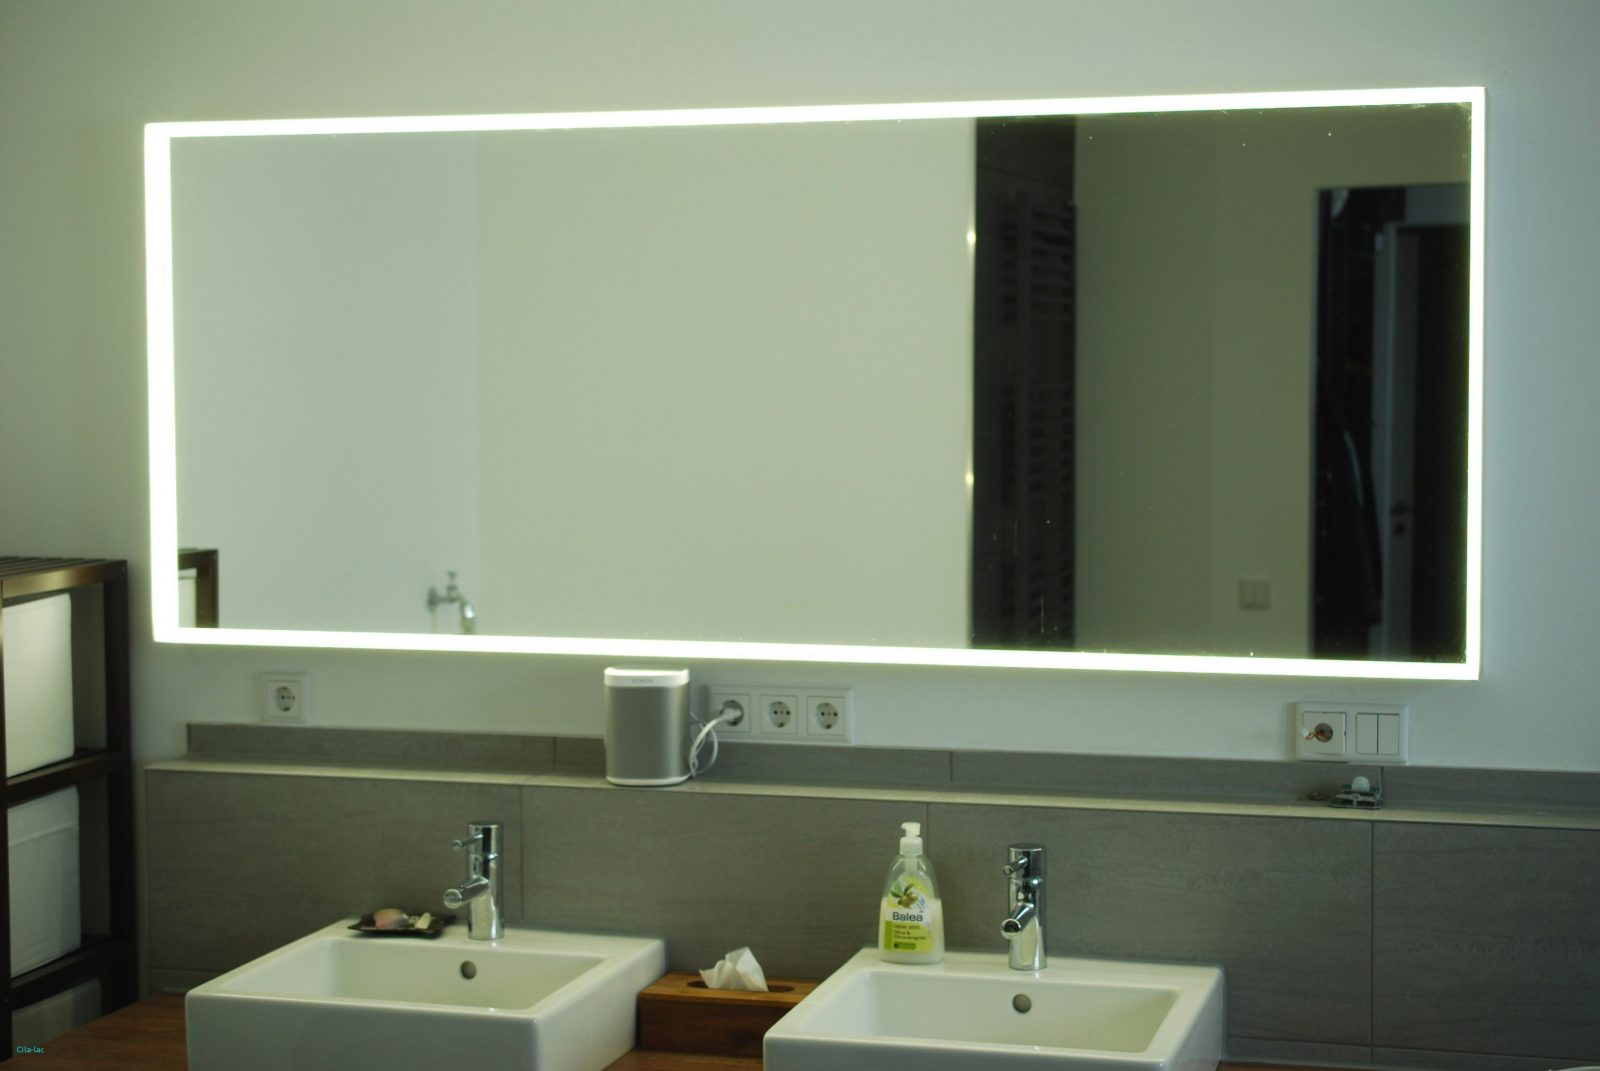 Badezimmer Fliesen Mit Badspiegel Steckdose Schöne Ikea Hack Bad von Led Spiegel Mit Steckdose Bild